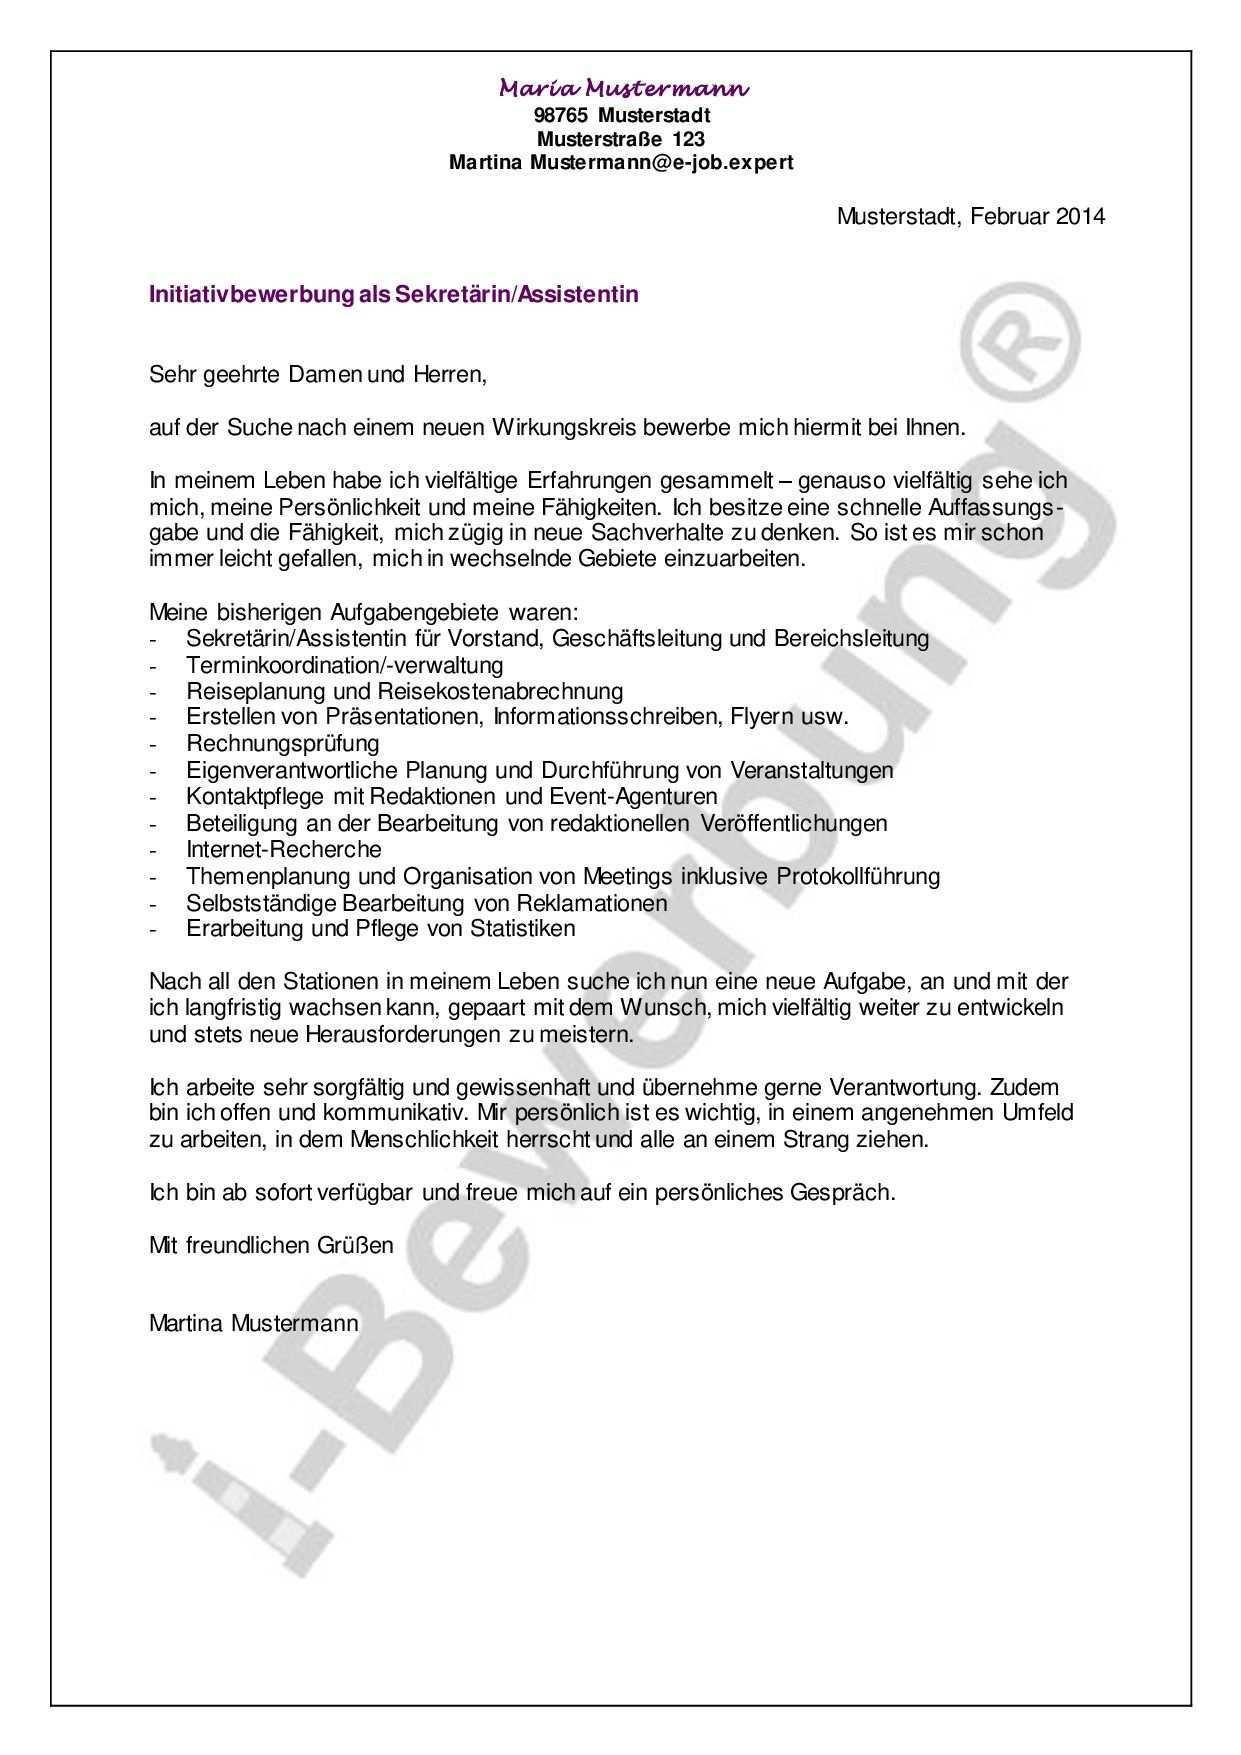 Initiativbewerbung Als Sekretarin Assistentin Beispiel Bewerbung Anschreiben Muster Bewerbung Anschreiben Bewerbung